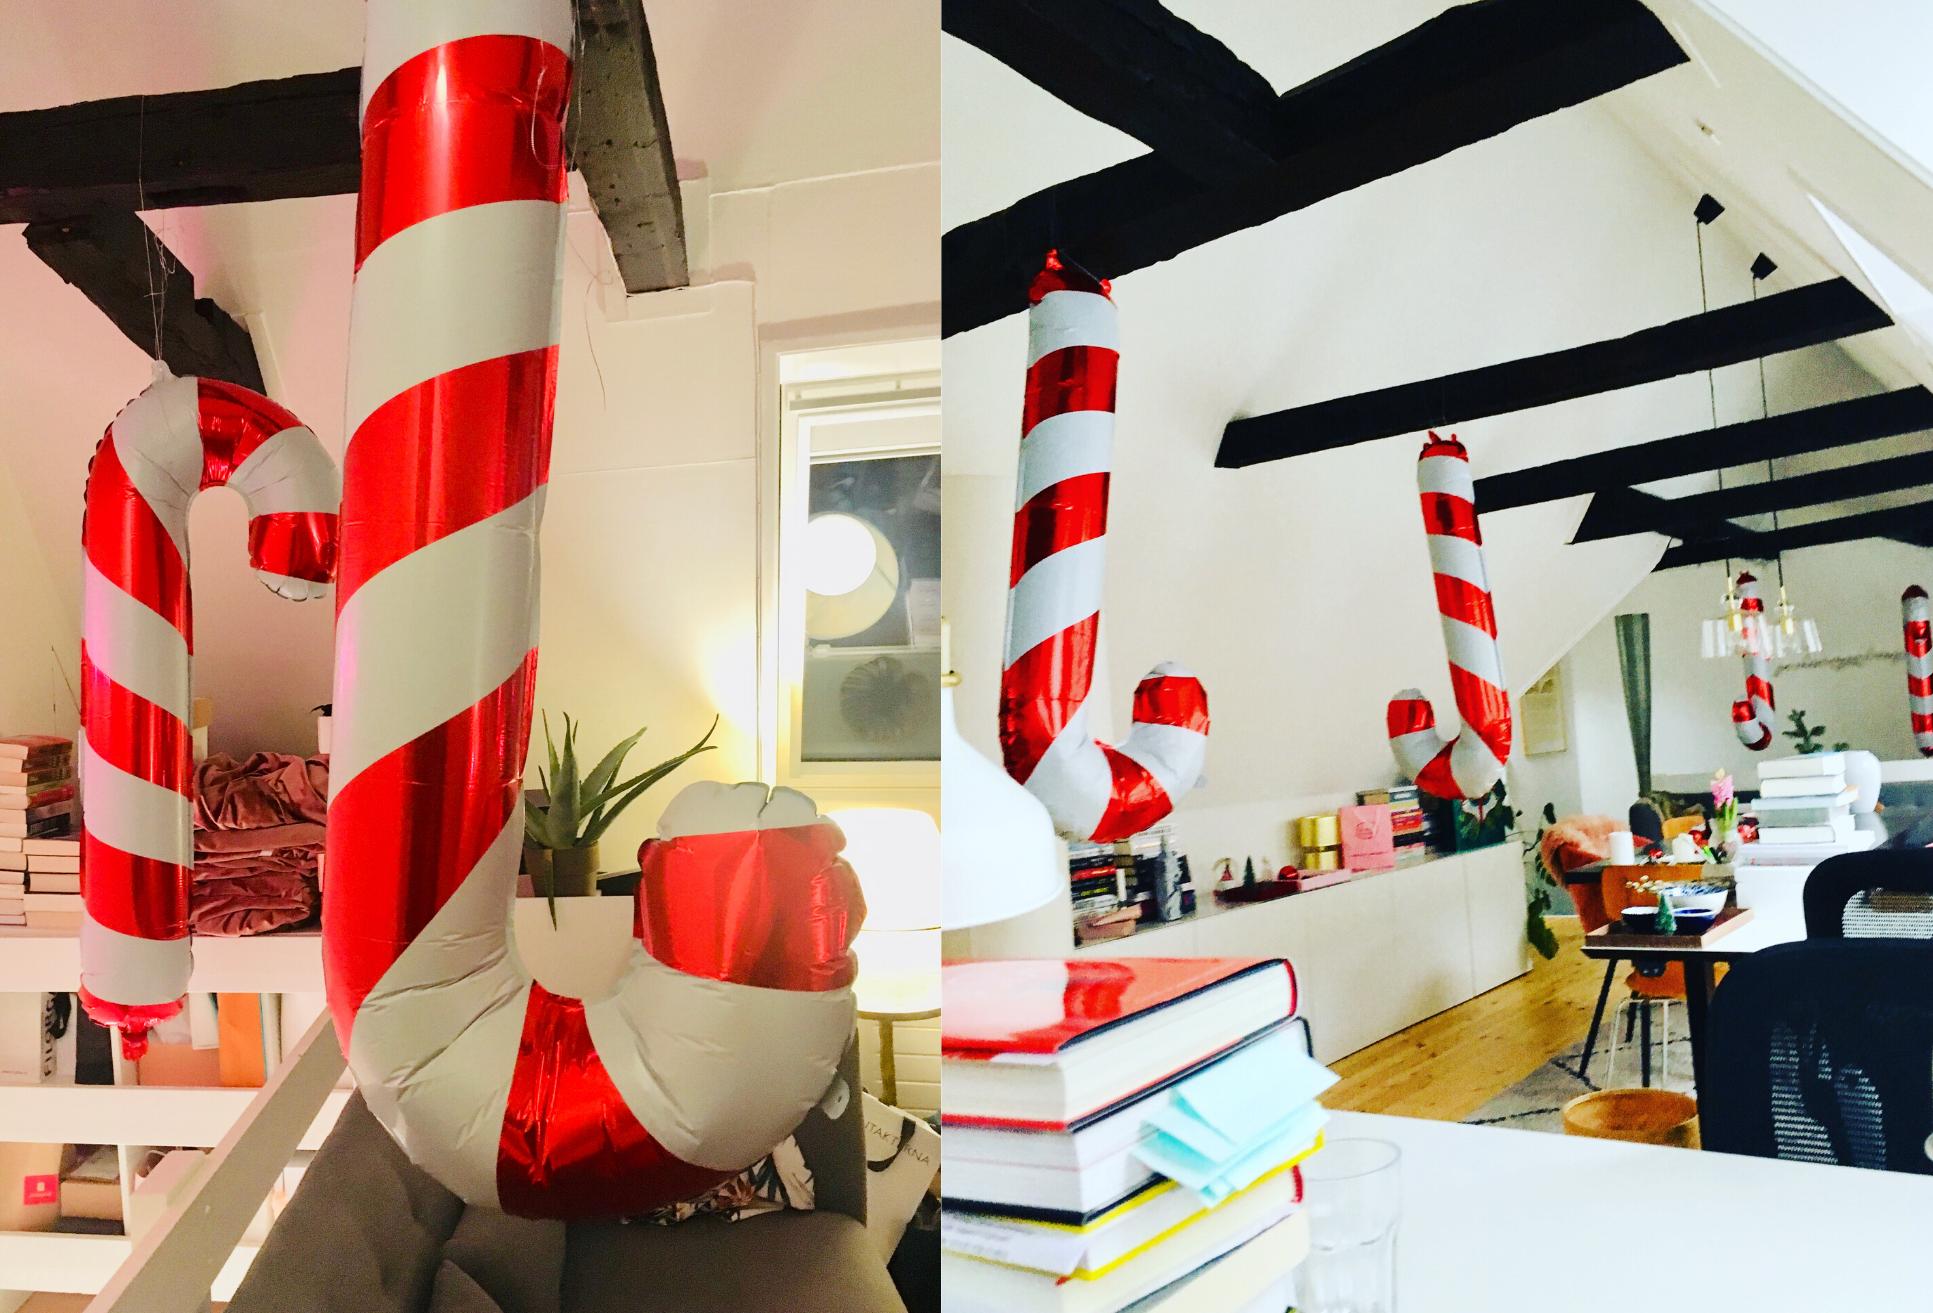 julestokke på kontoret, balloner, folieballoner (Foto: MY DAILY SPACE)